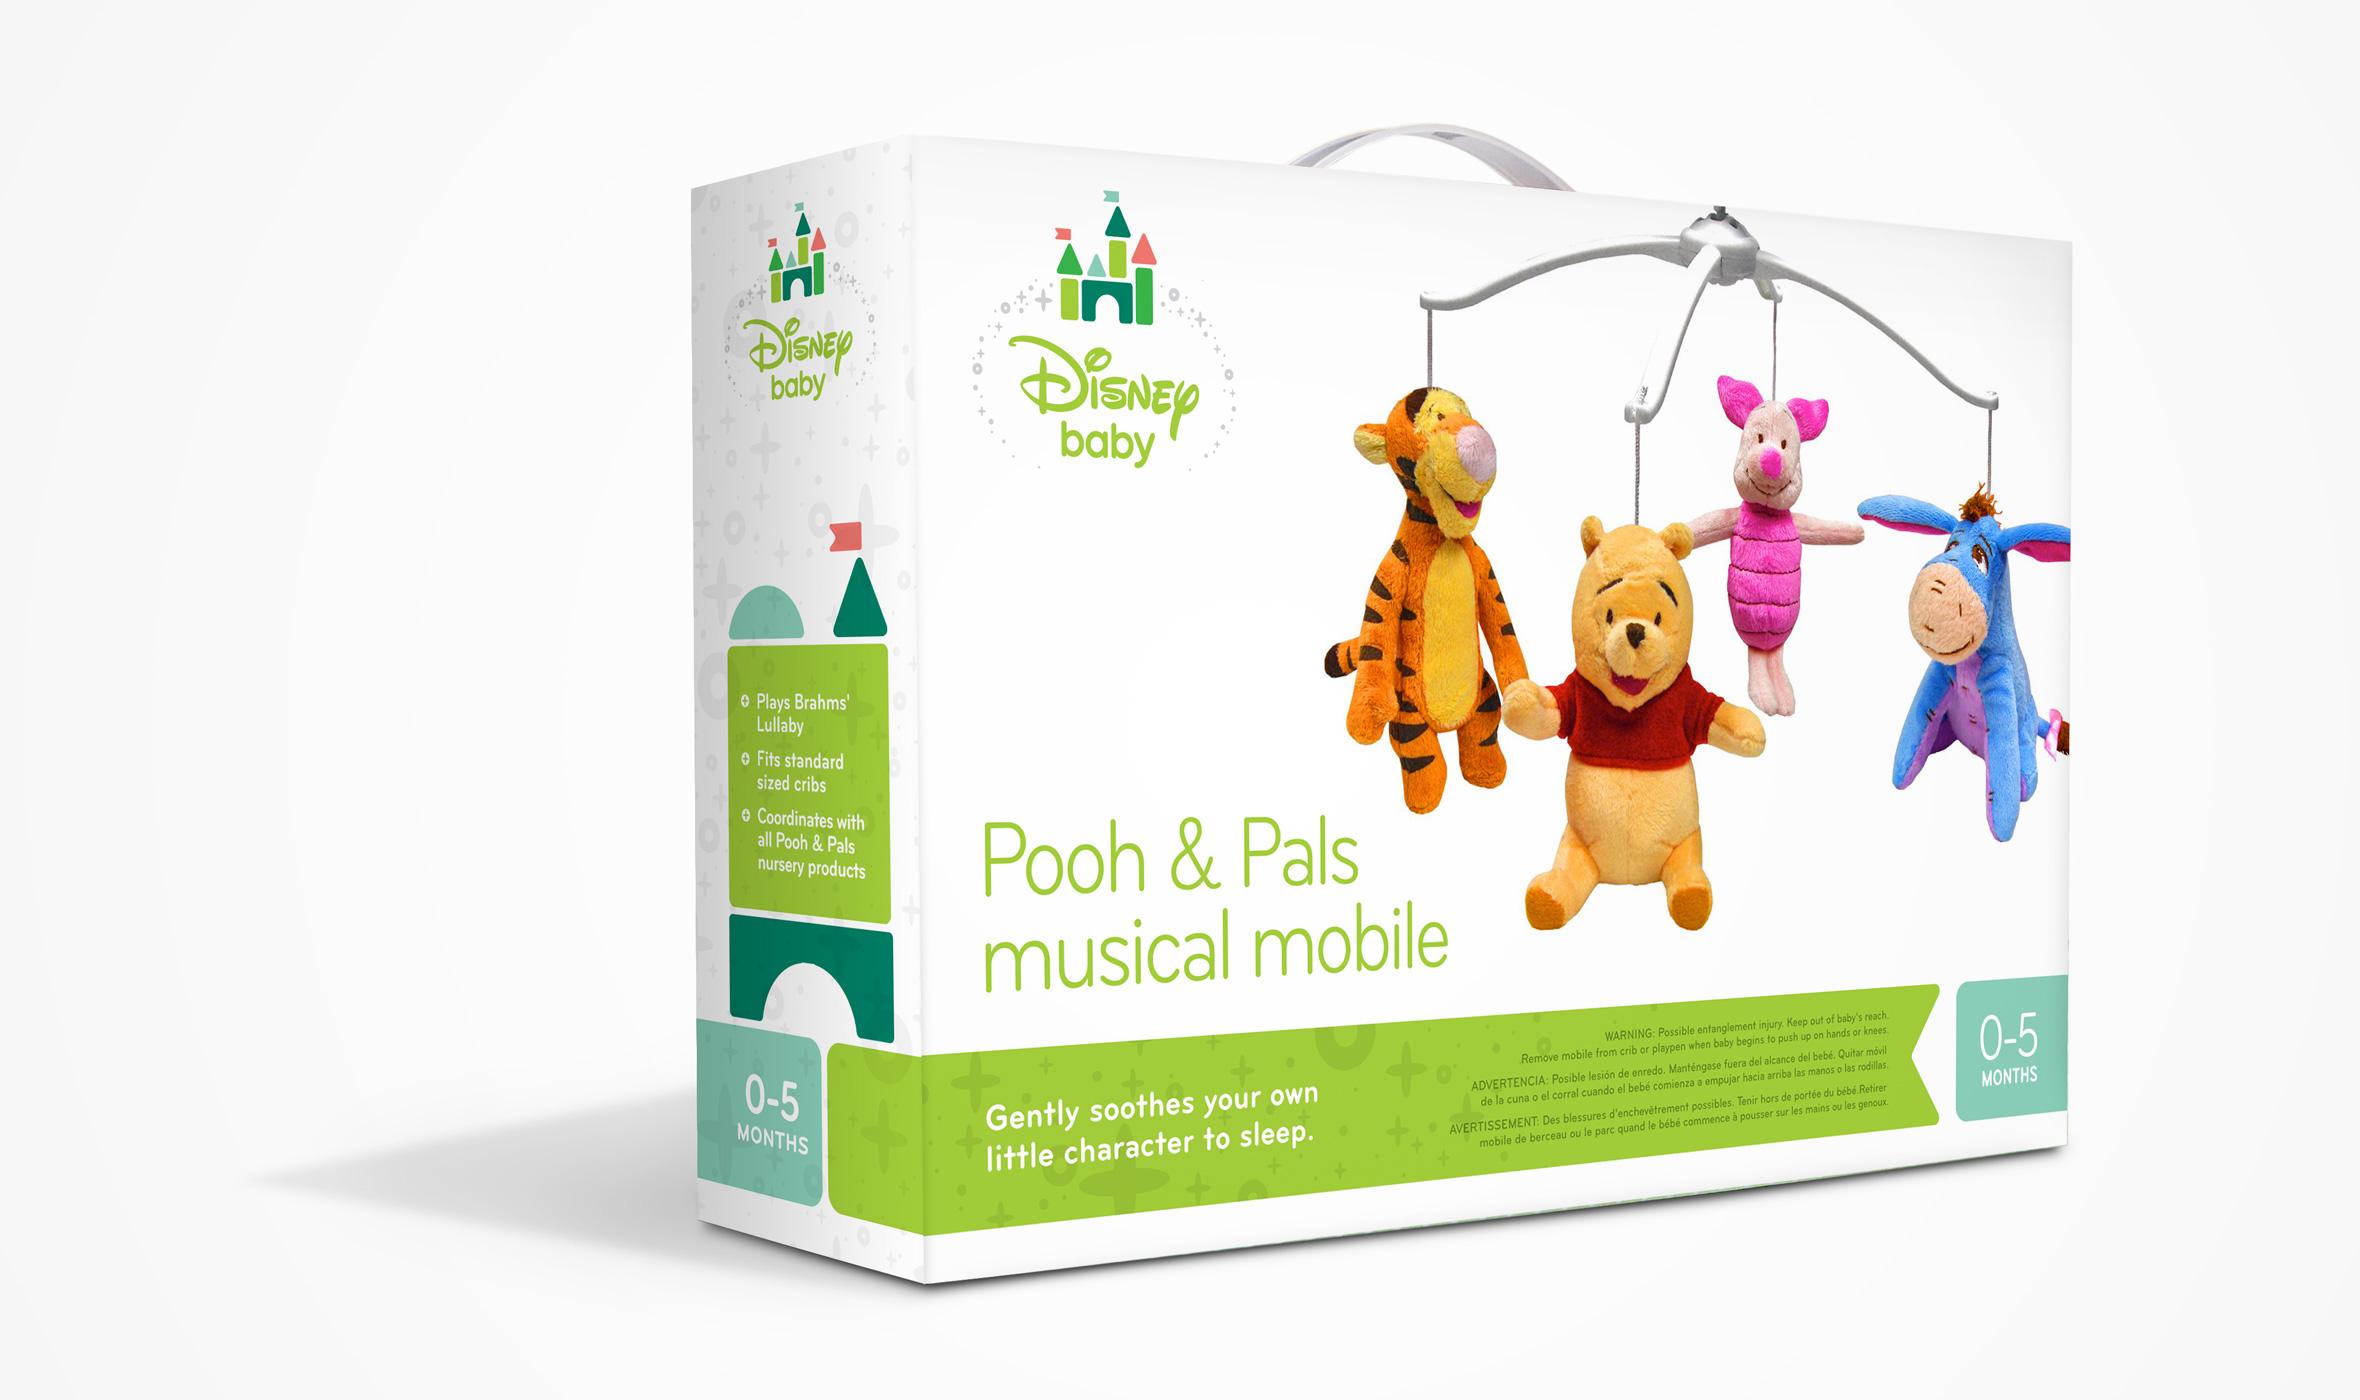 office_disney_baby_packaging_2.jpg